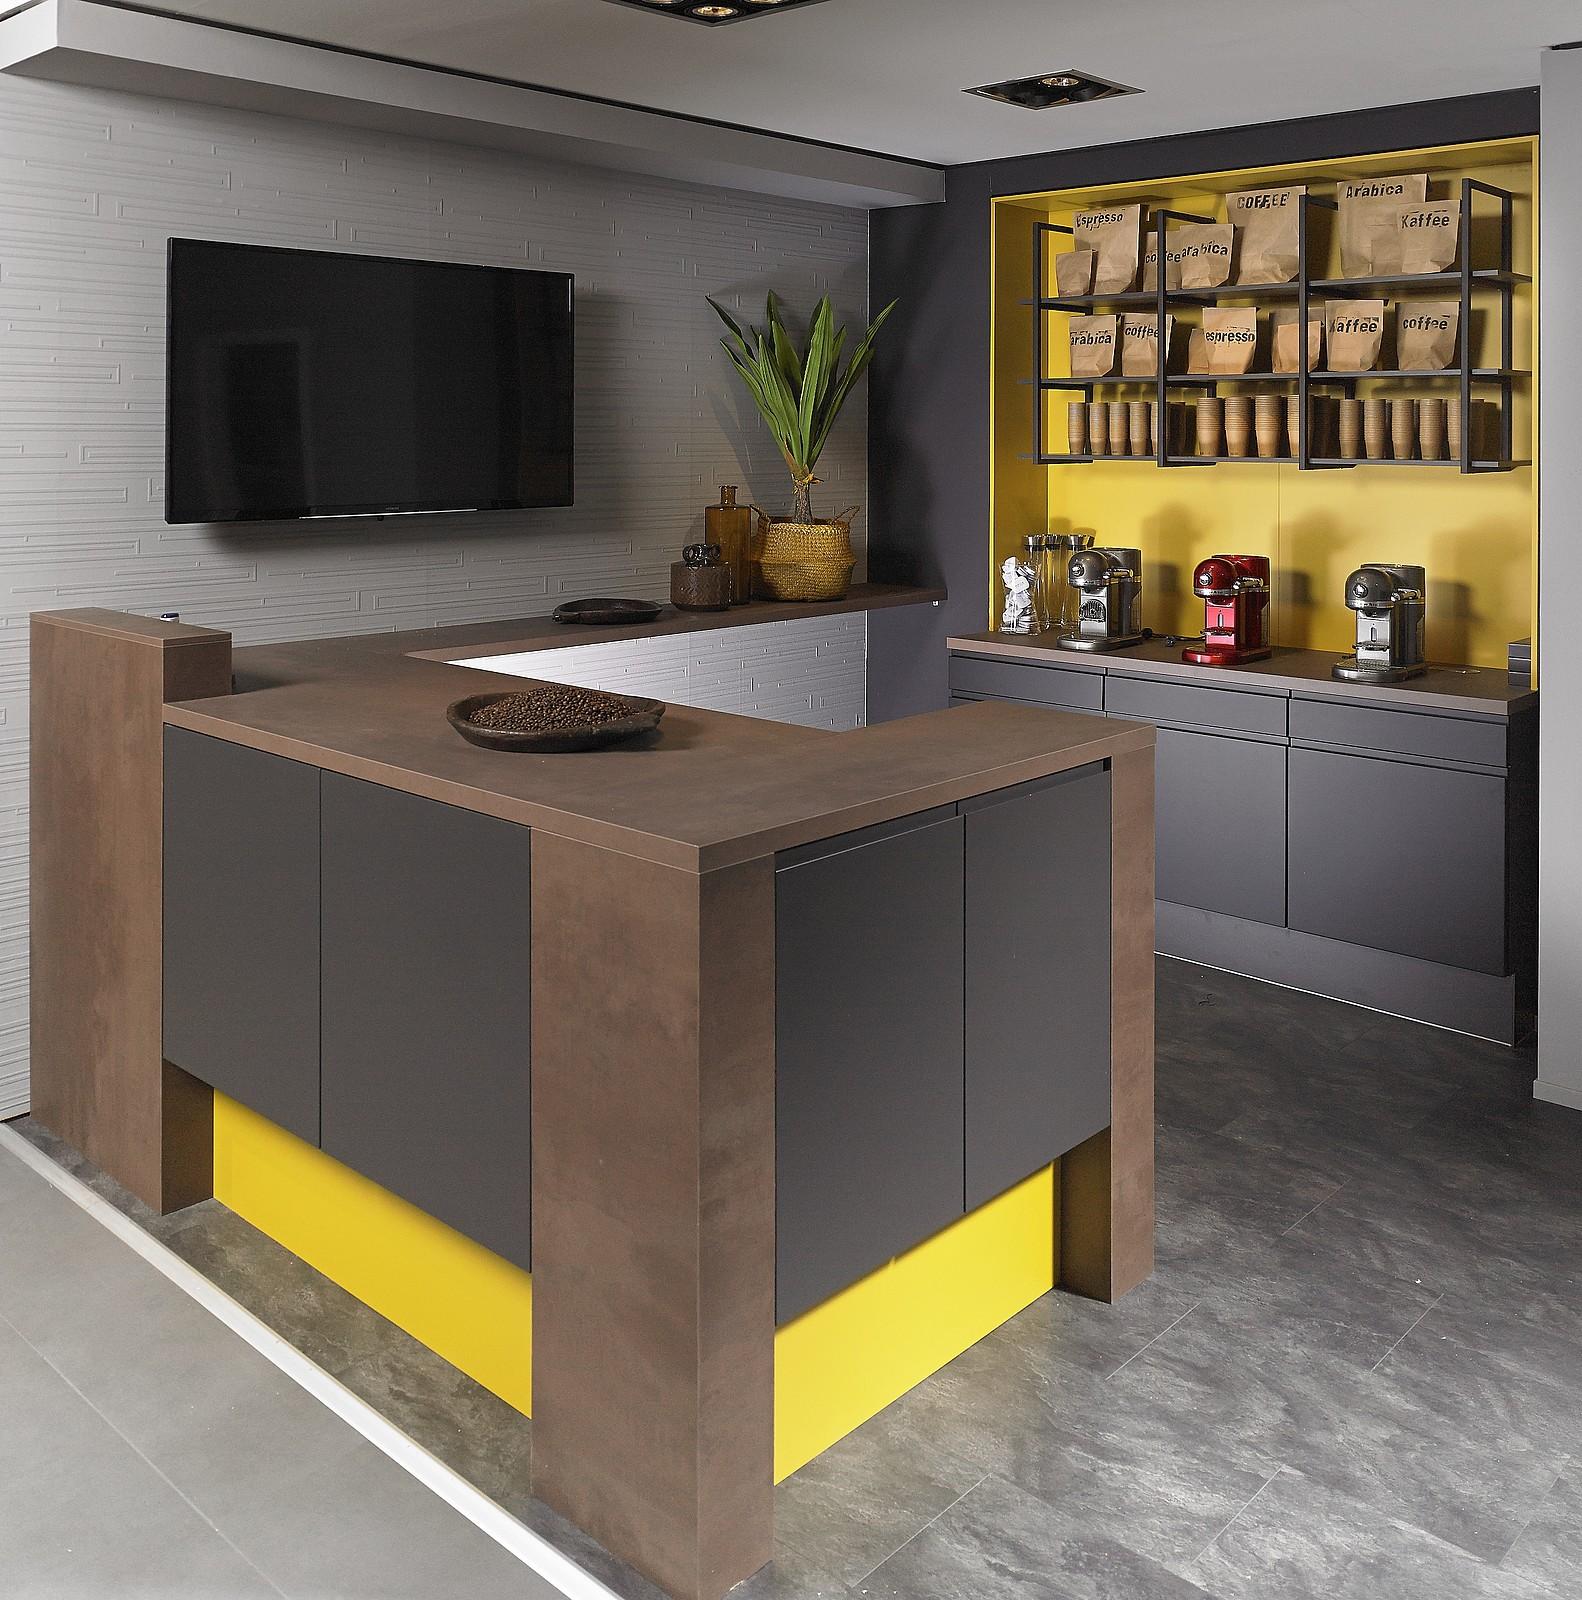 Full Size of Kchenfarben Welche Farbe Passt Zu Wem Holzküche Massivholzküche Vollholzküche Wohnzimmer Holzküche Auffrischen